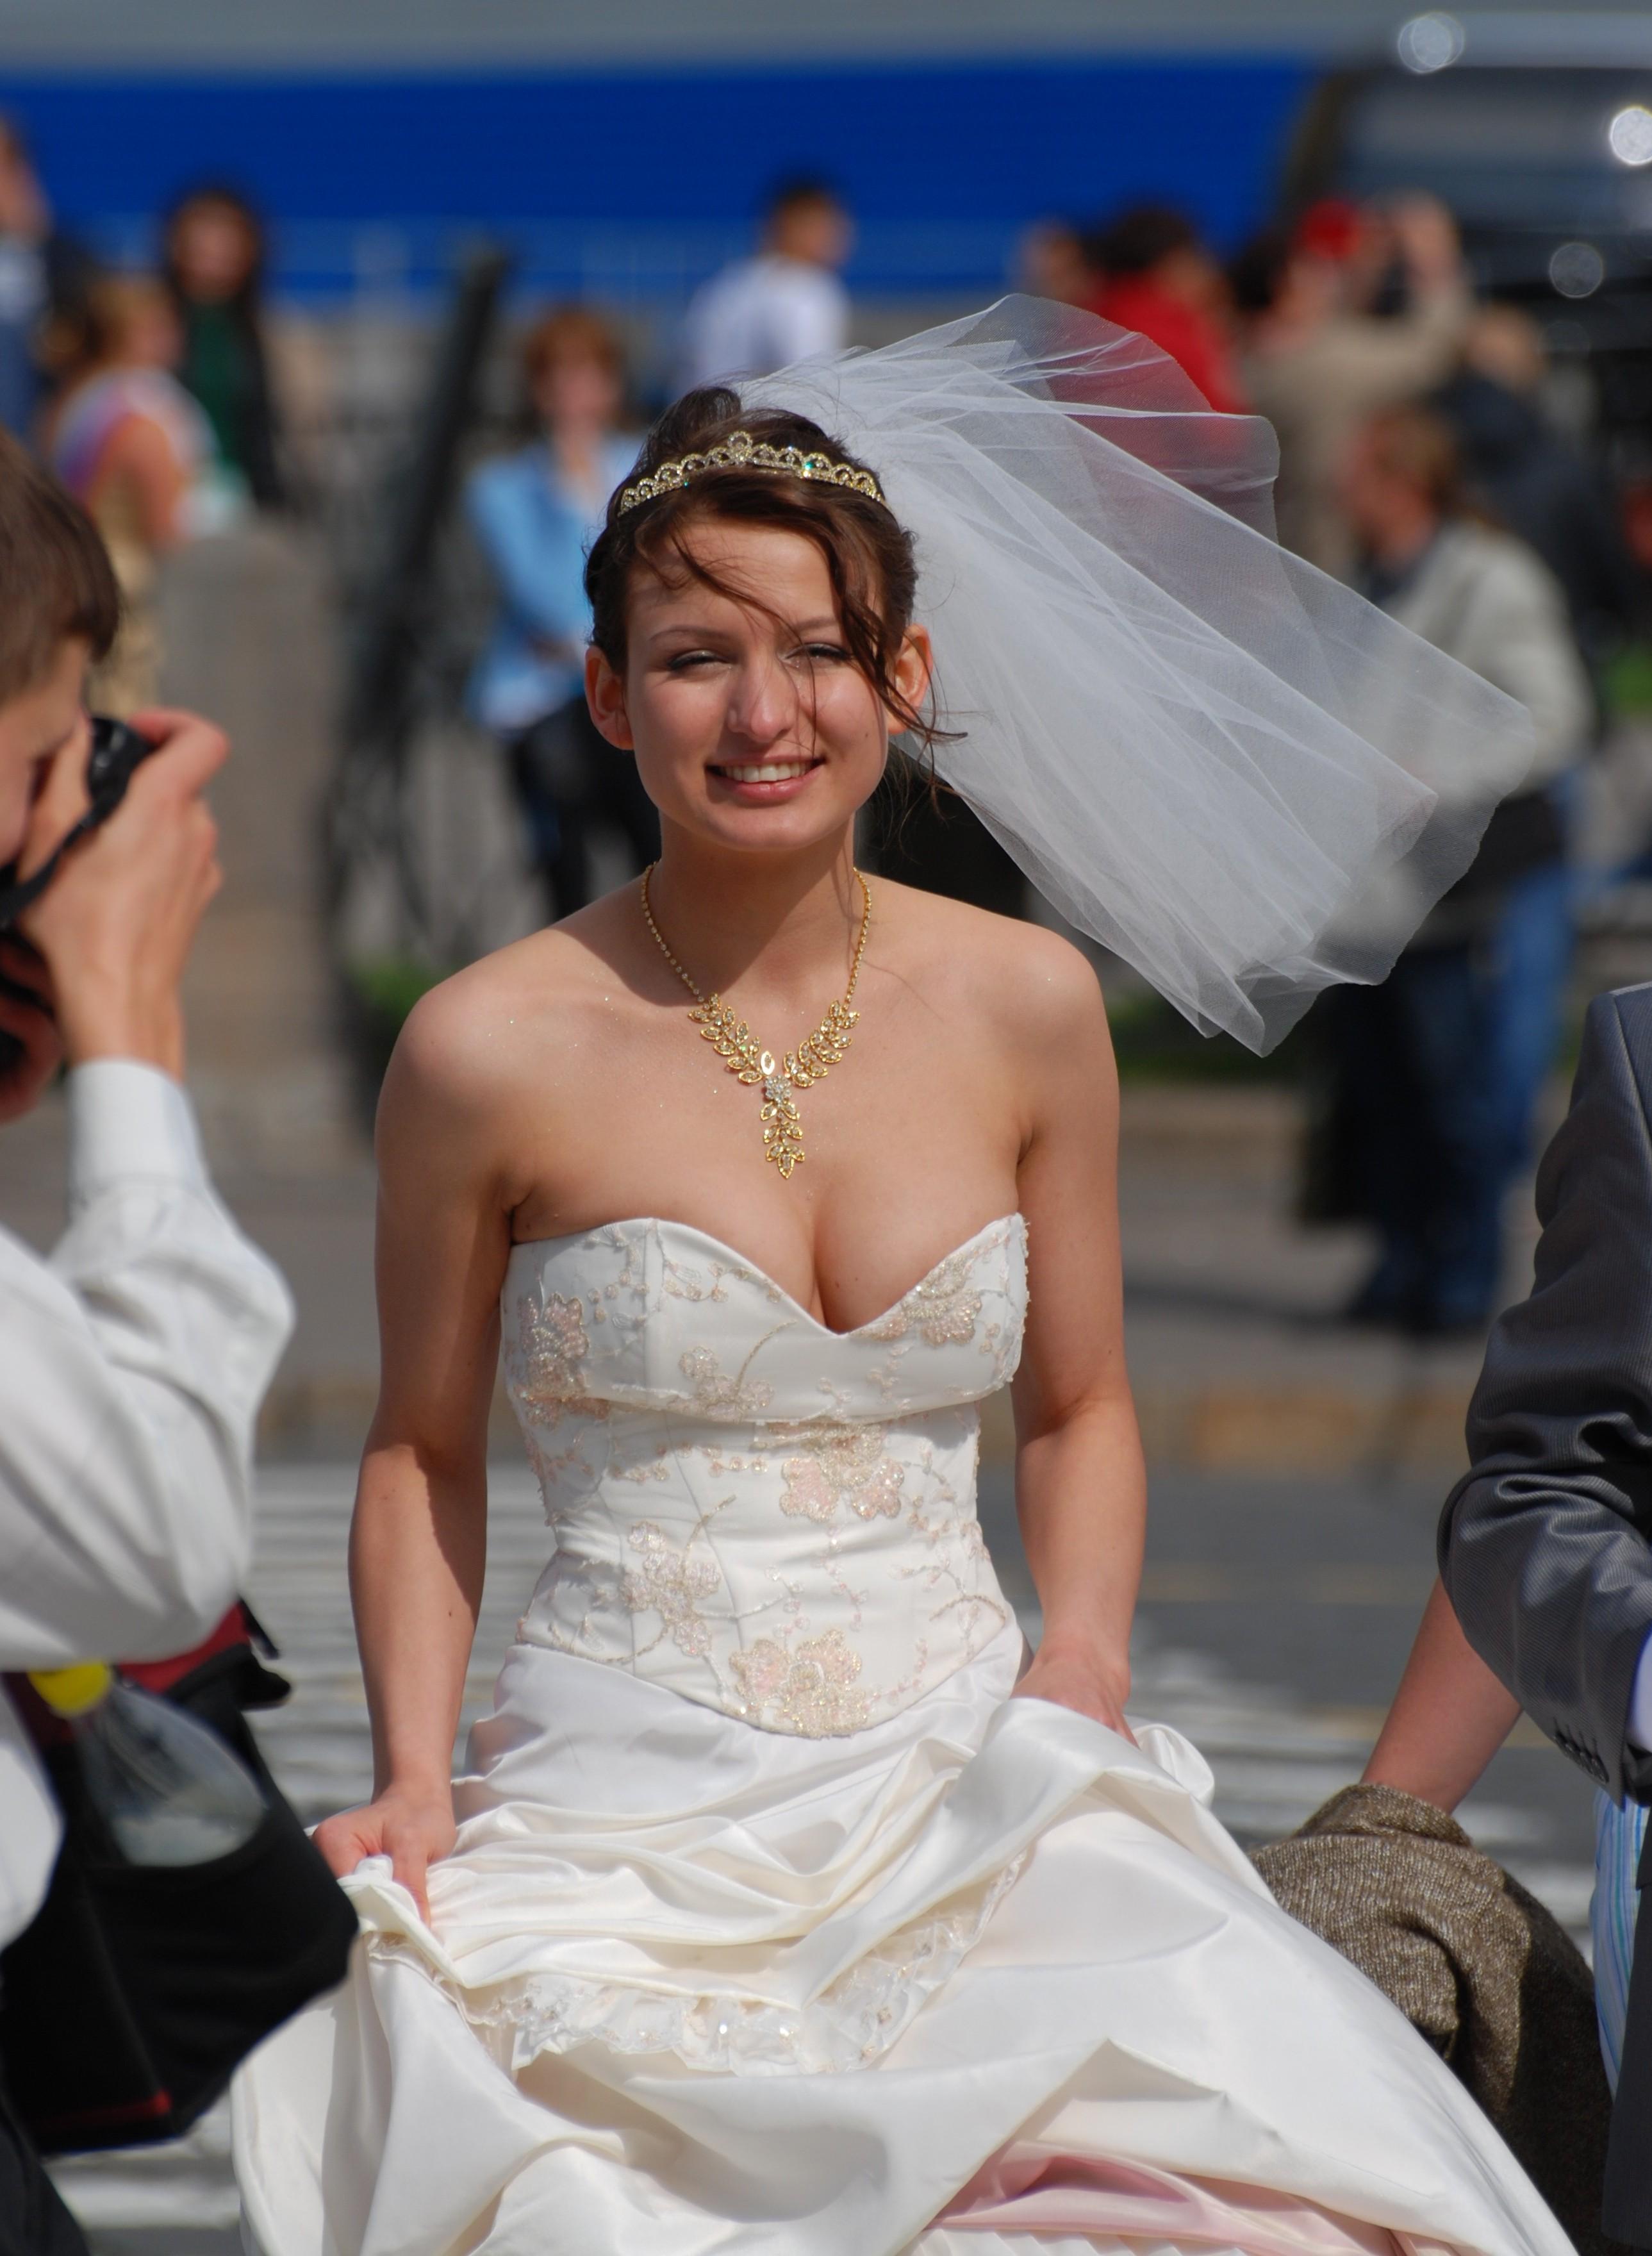 Kostenlose foto : Frau, Mode, Kleidung, Hochzeit, Hochzeitskleid ...